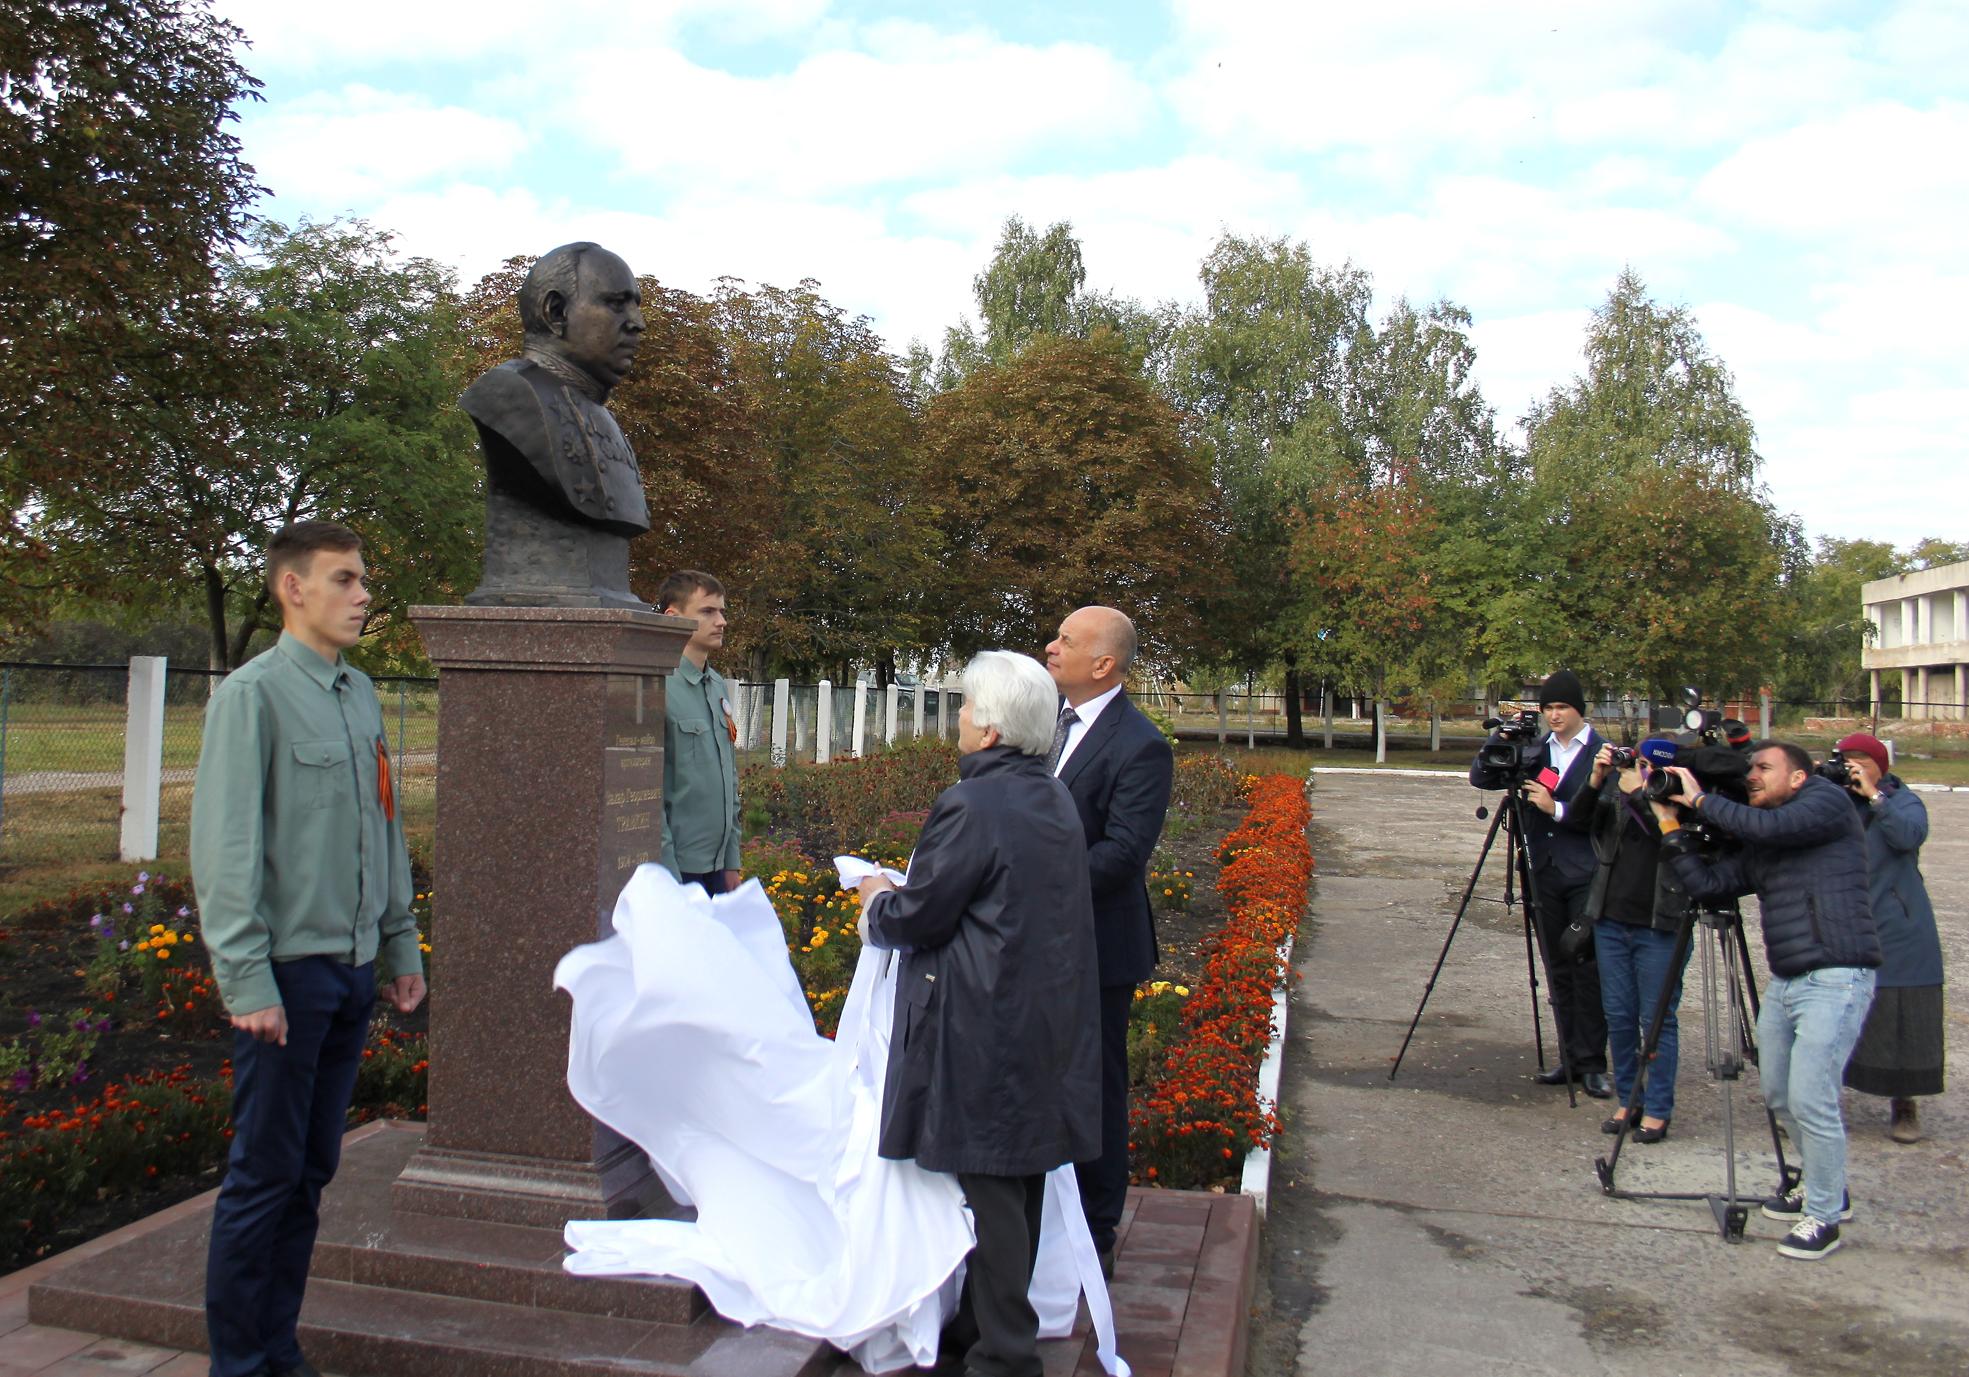 20190924-В Горшеченском районе открыли памятник видному военному деятелю Захару Травкину-pic1